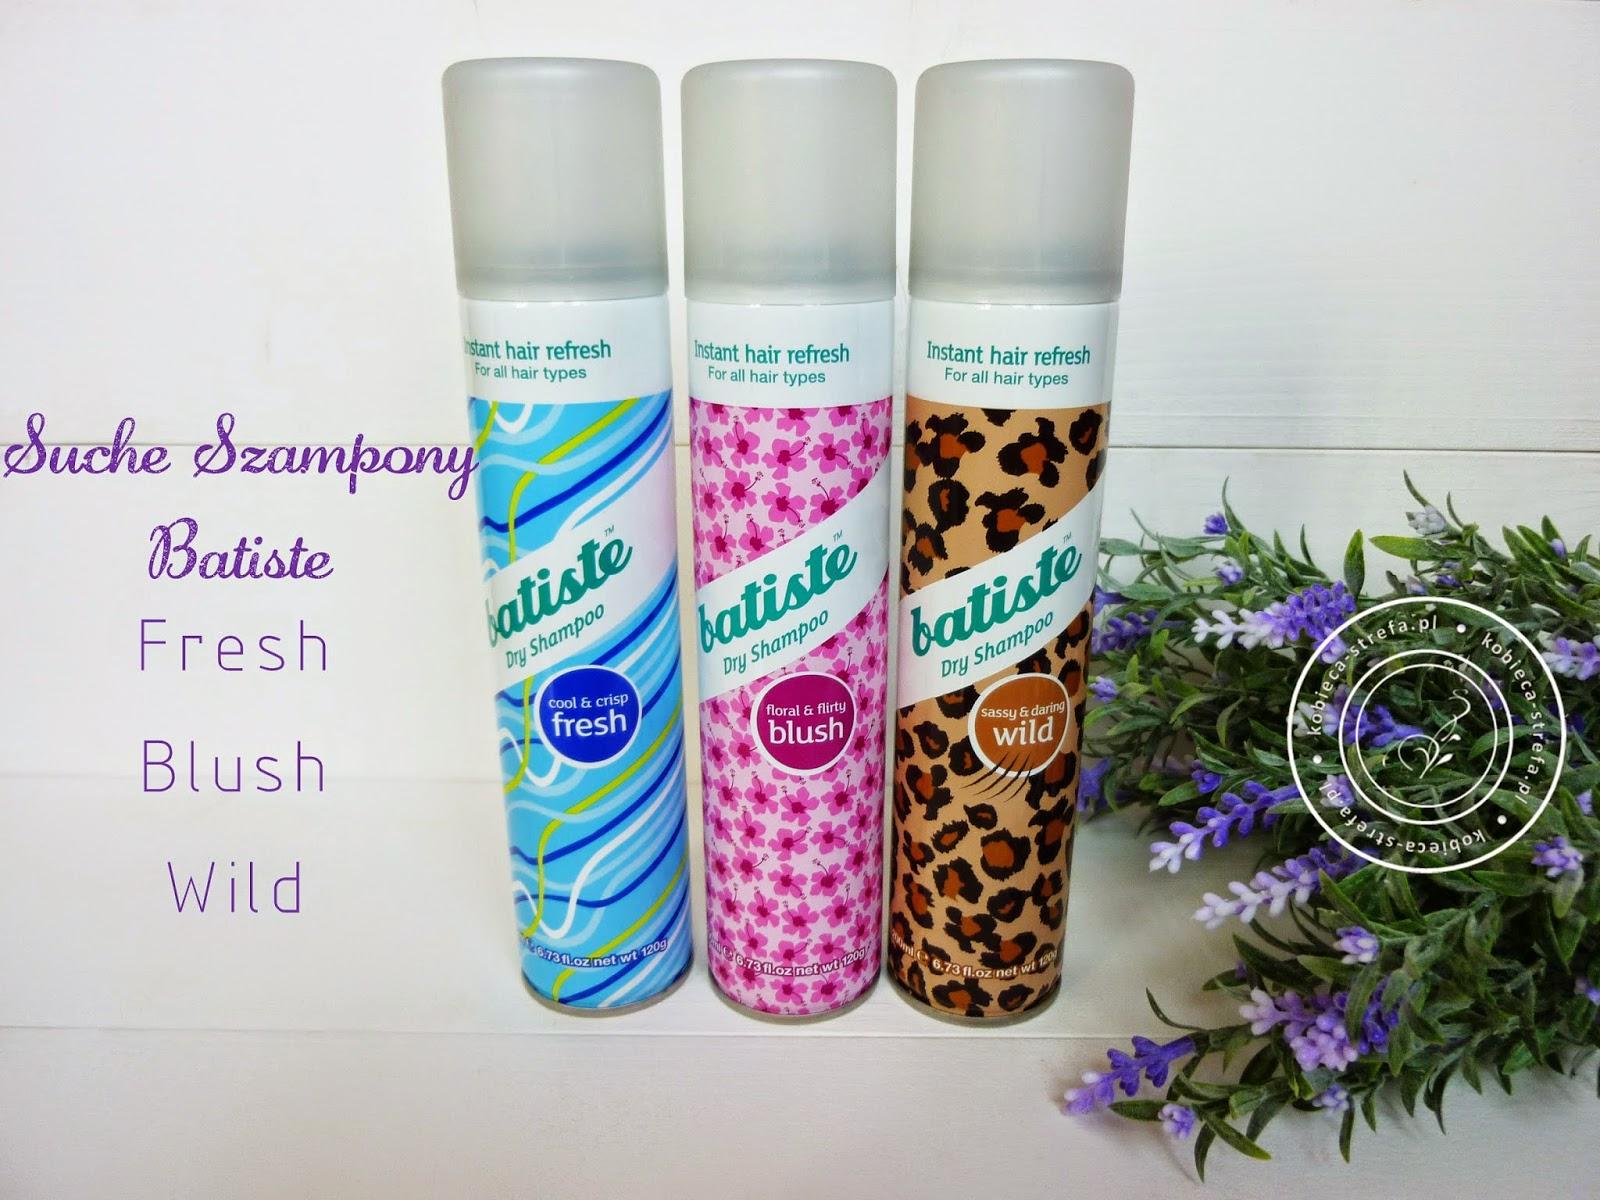 Suche szampony Batiste - wersja fresh, blush i wild - czyli którą lepiej kupić?